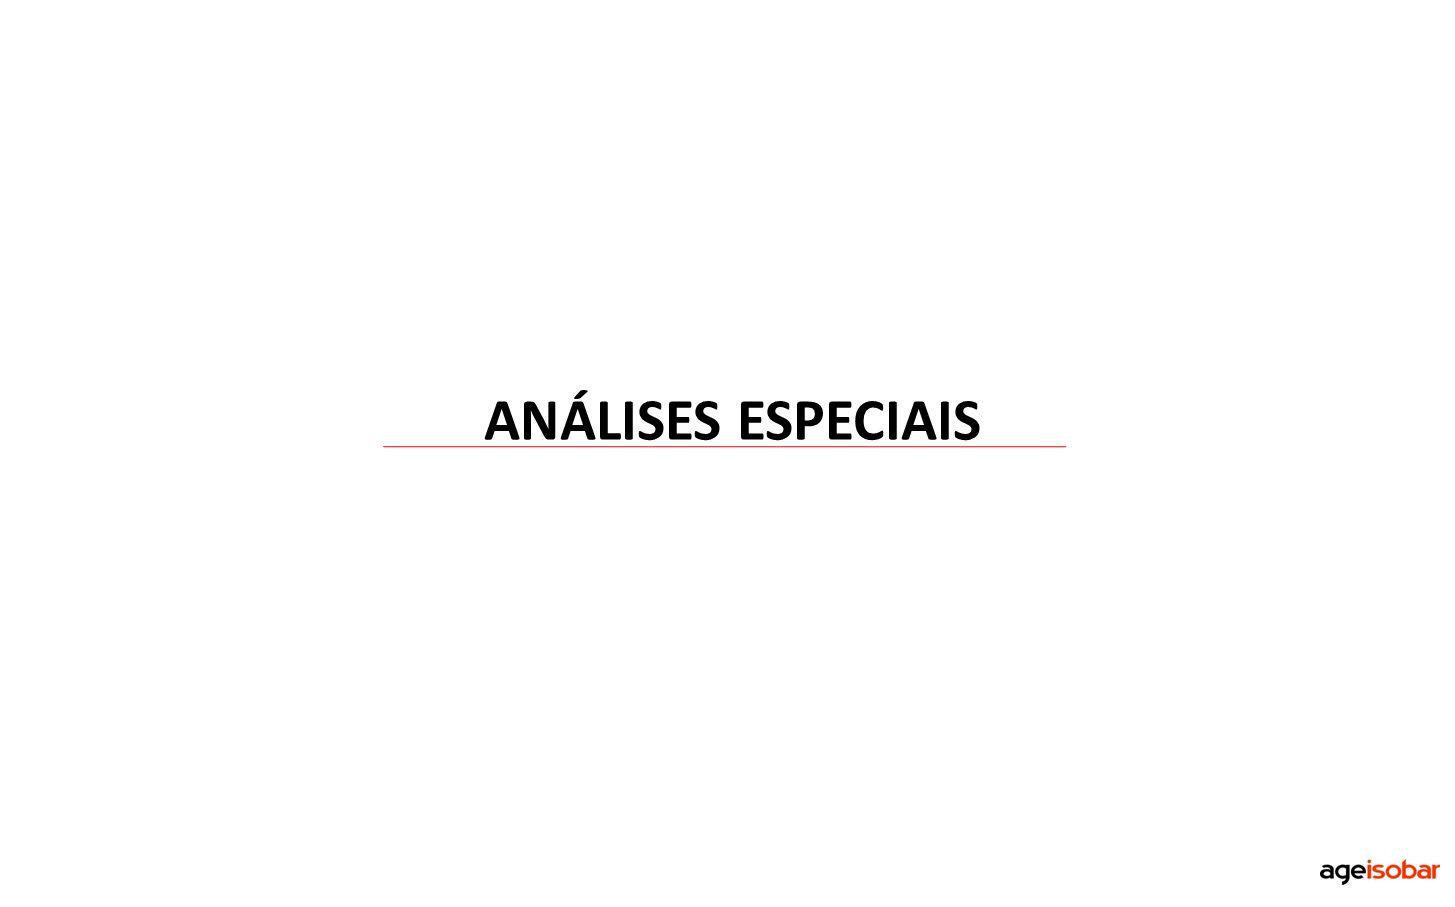 ANÁLISES ESPECIAIS